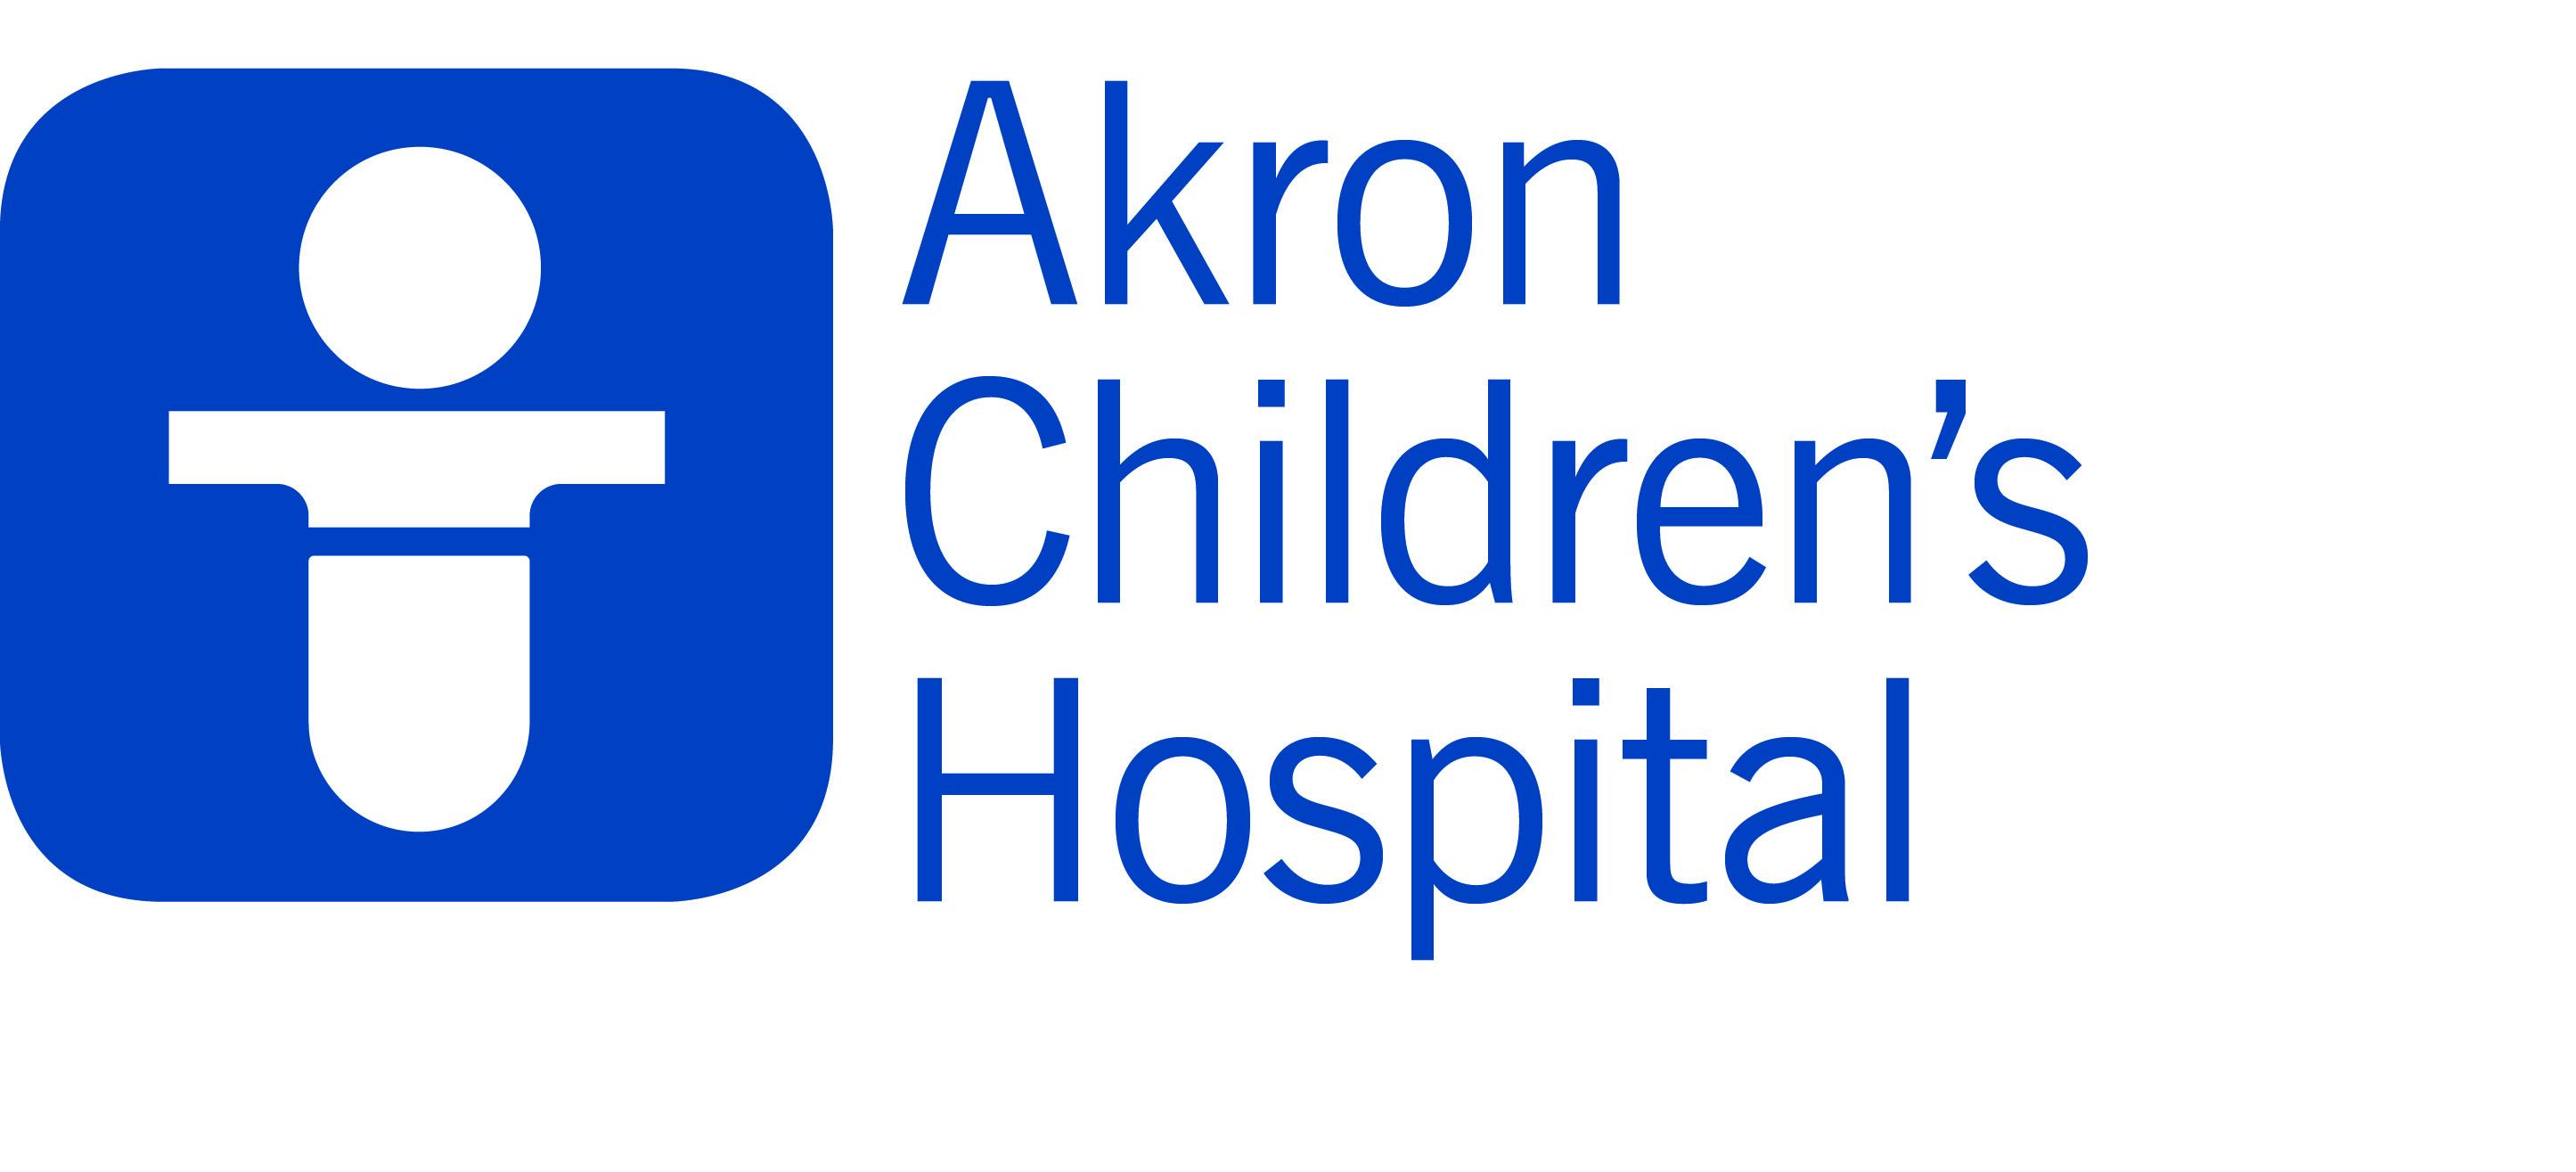 Akron Children's